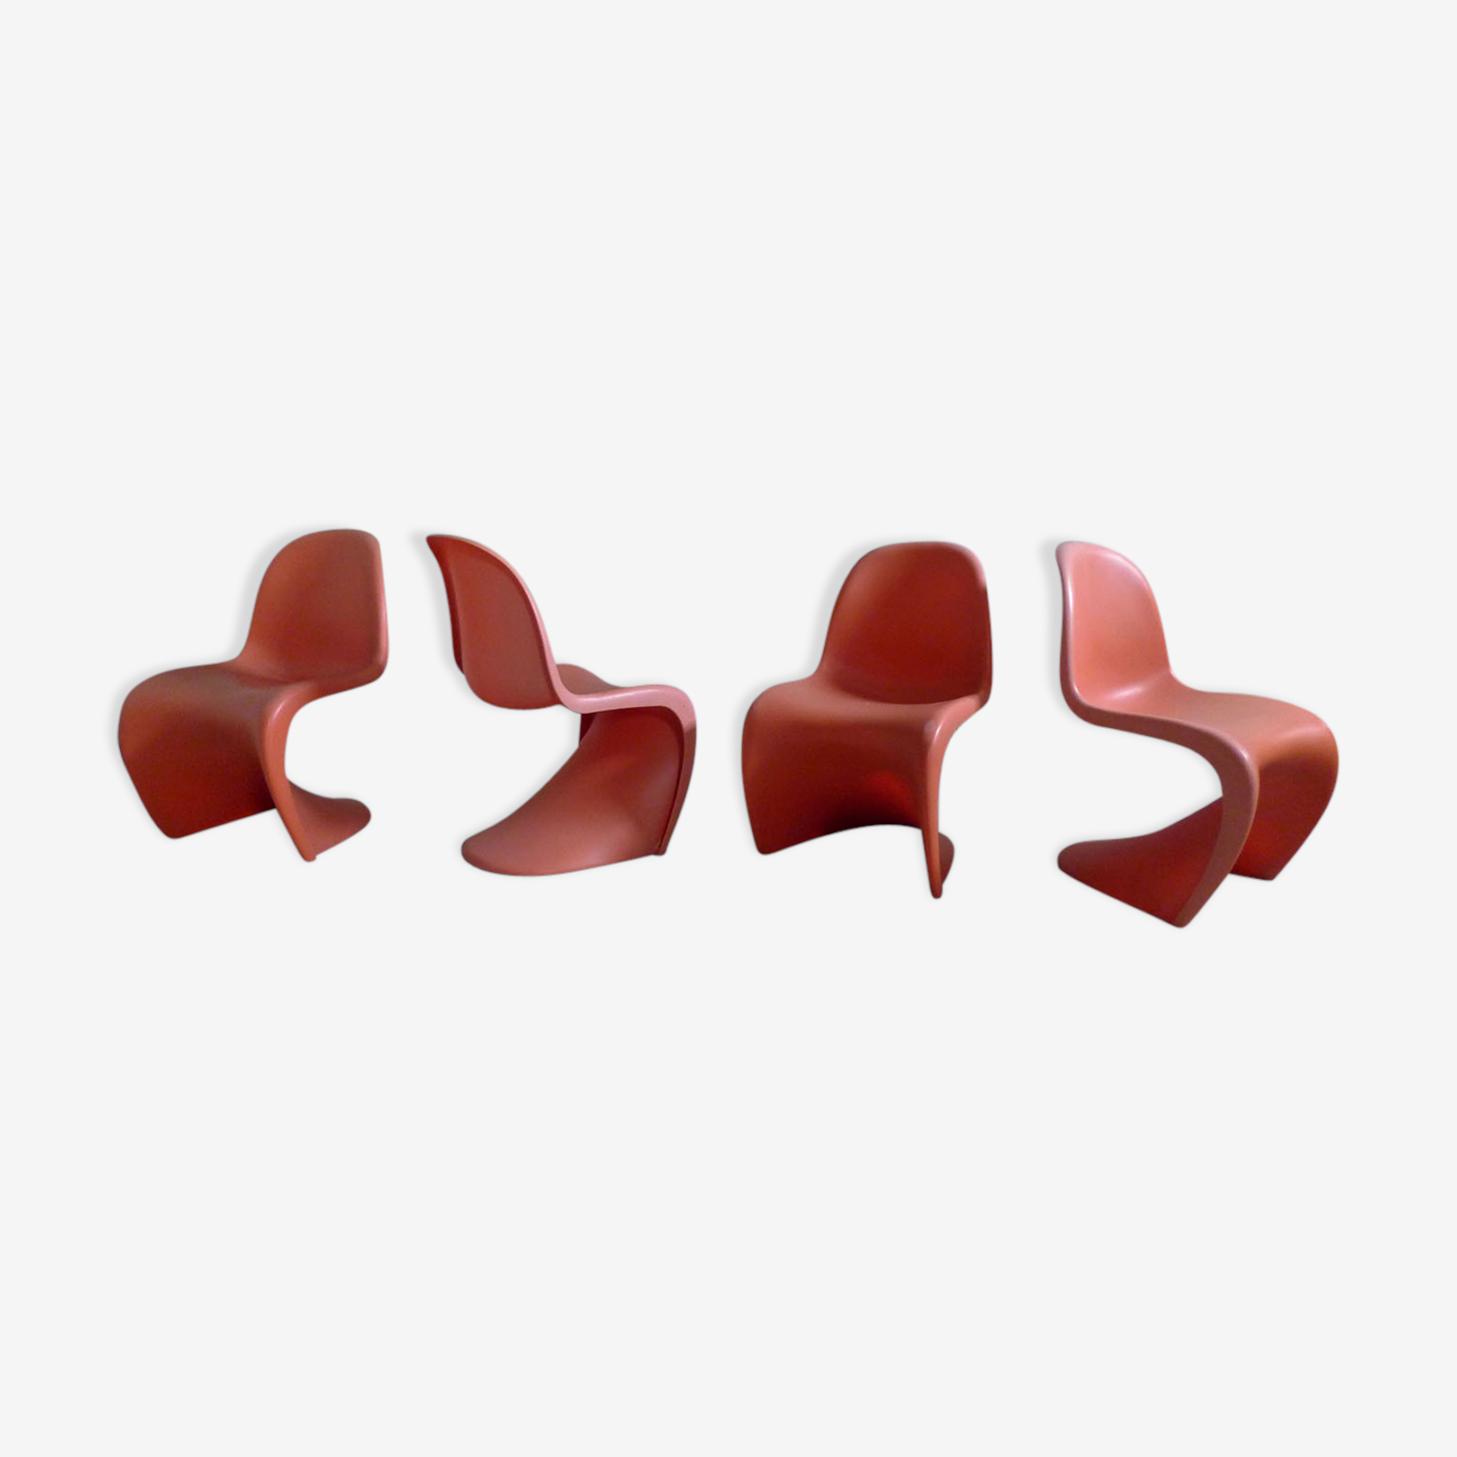 Série de 4 chaises Panton de Verner Panton pour Vitra, 2000